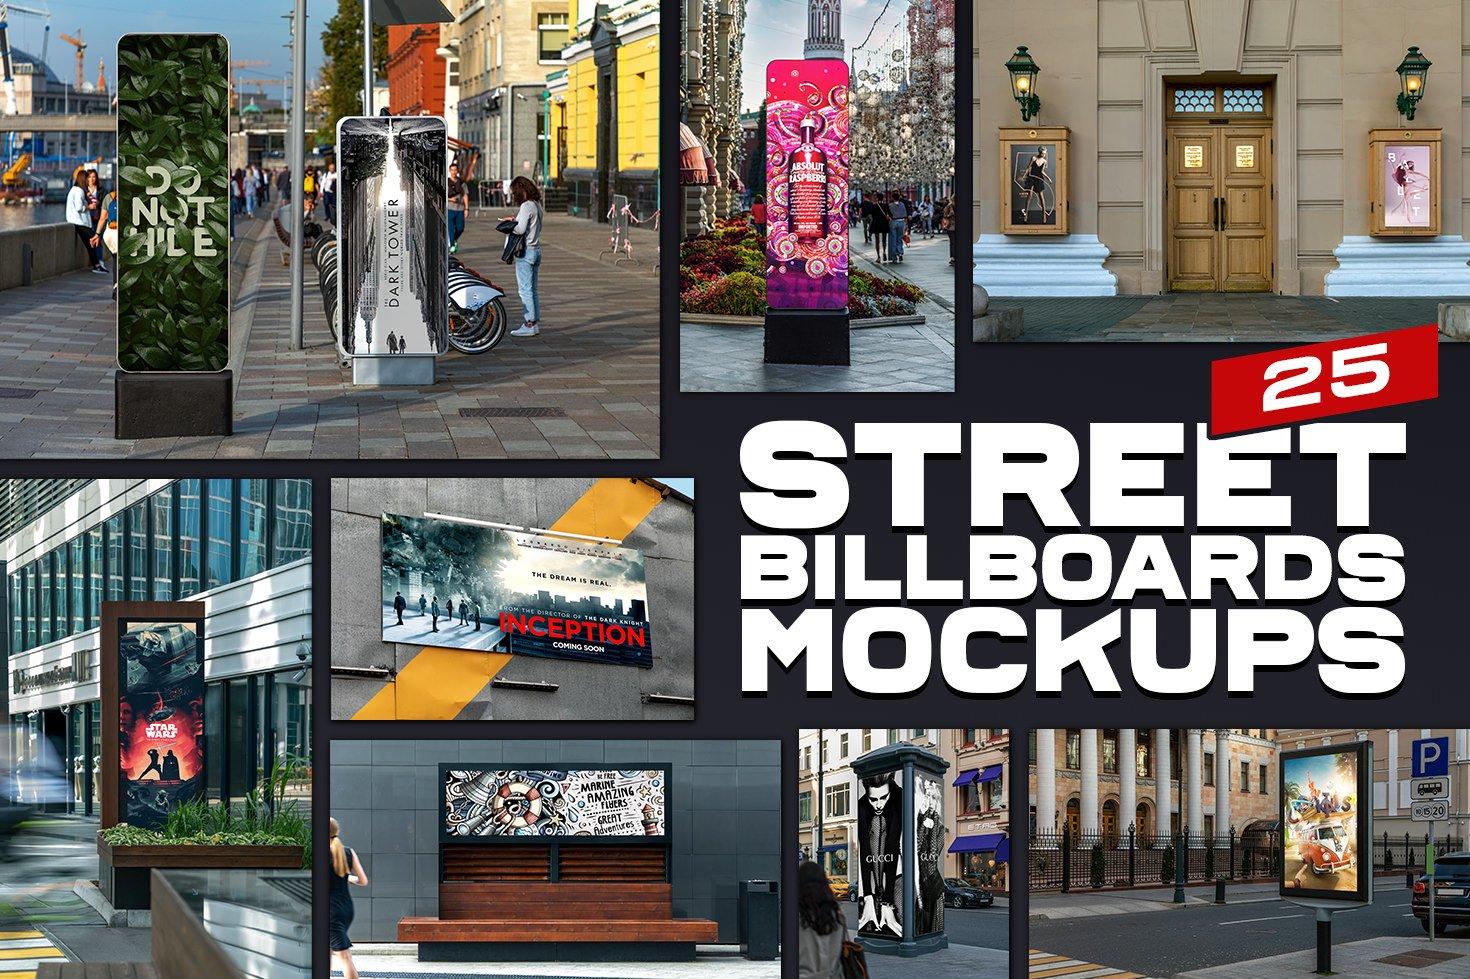 25款城市街头灯箱海报广告牌设计展示贴图样机模板 25 Street Billboards Mockups插图